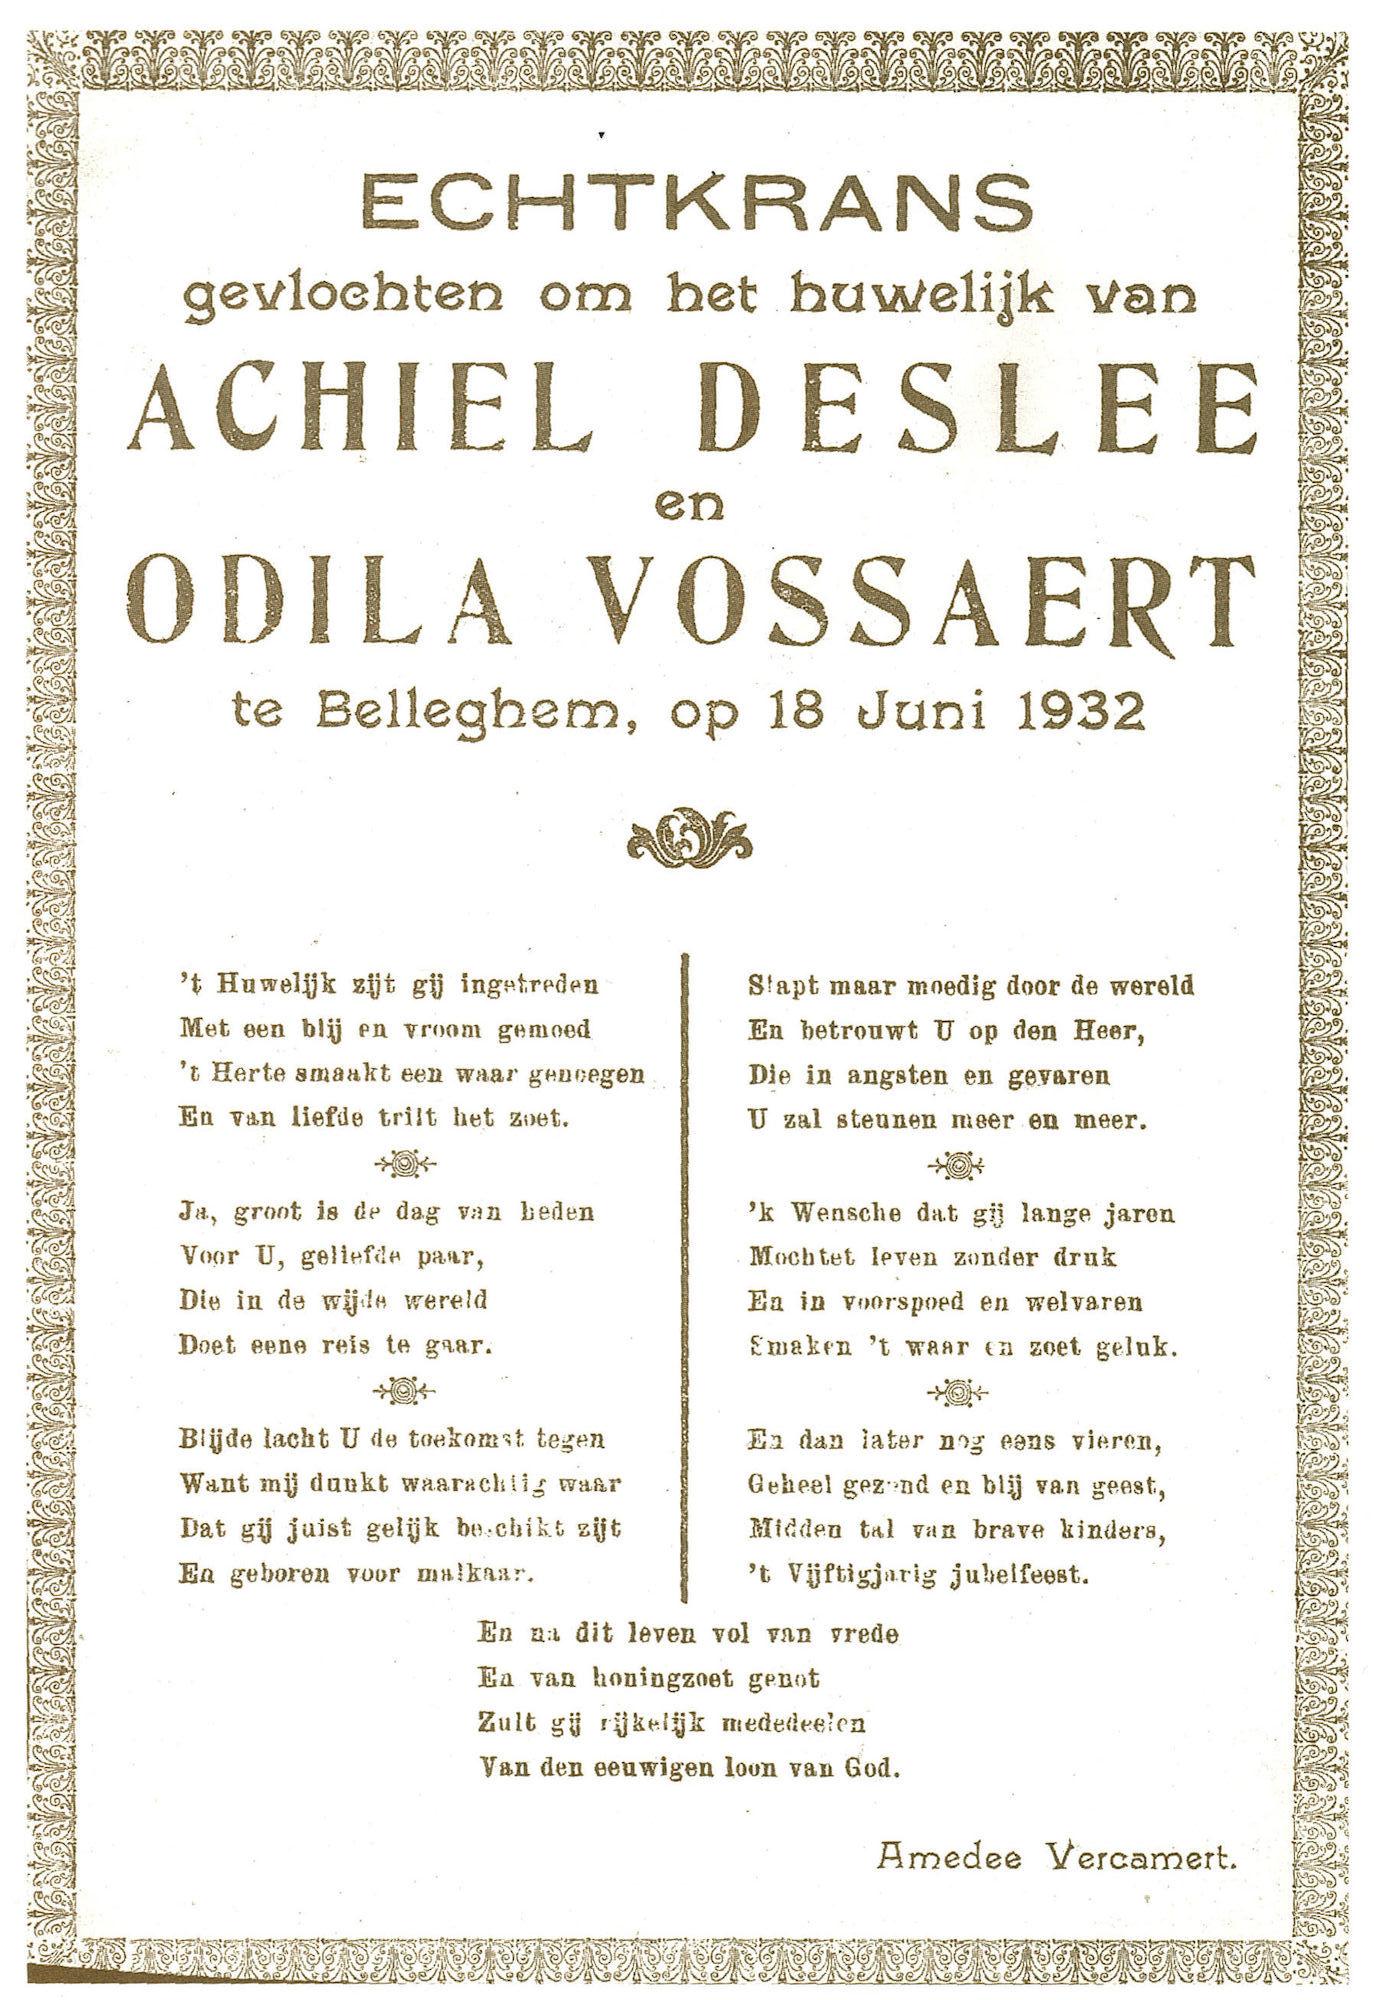 Huwelijksgedicht van Amedee Vercamert 1932